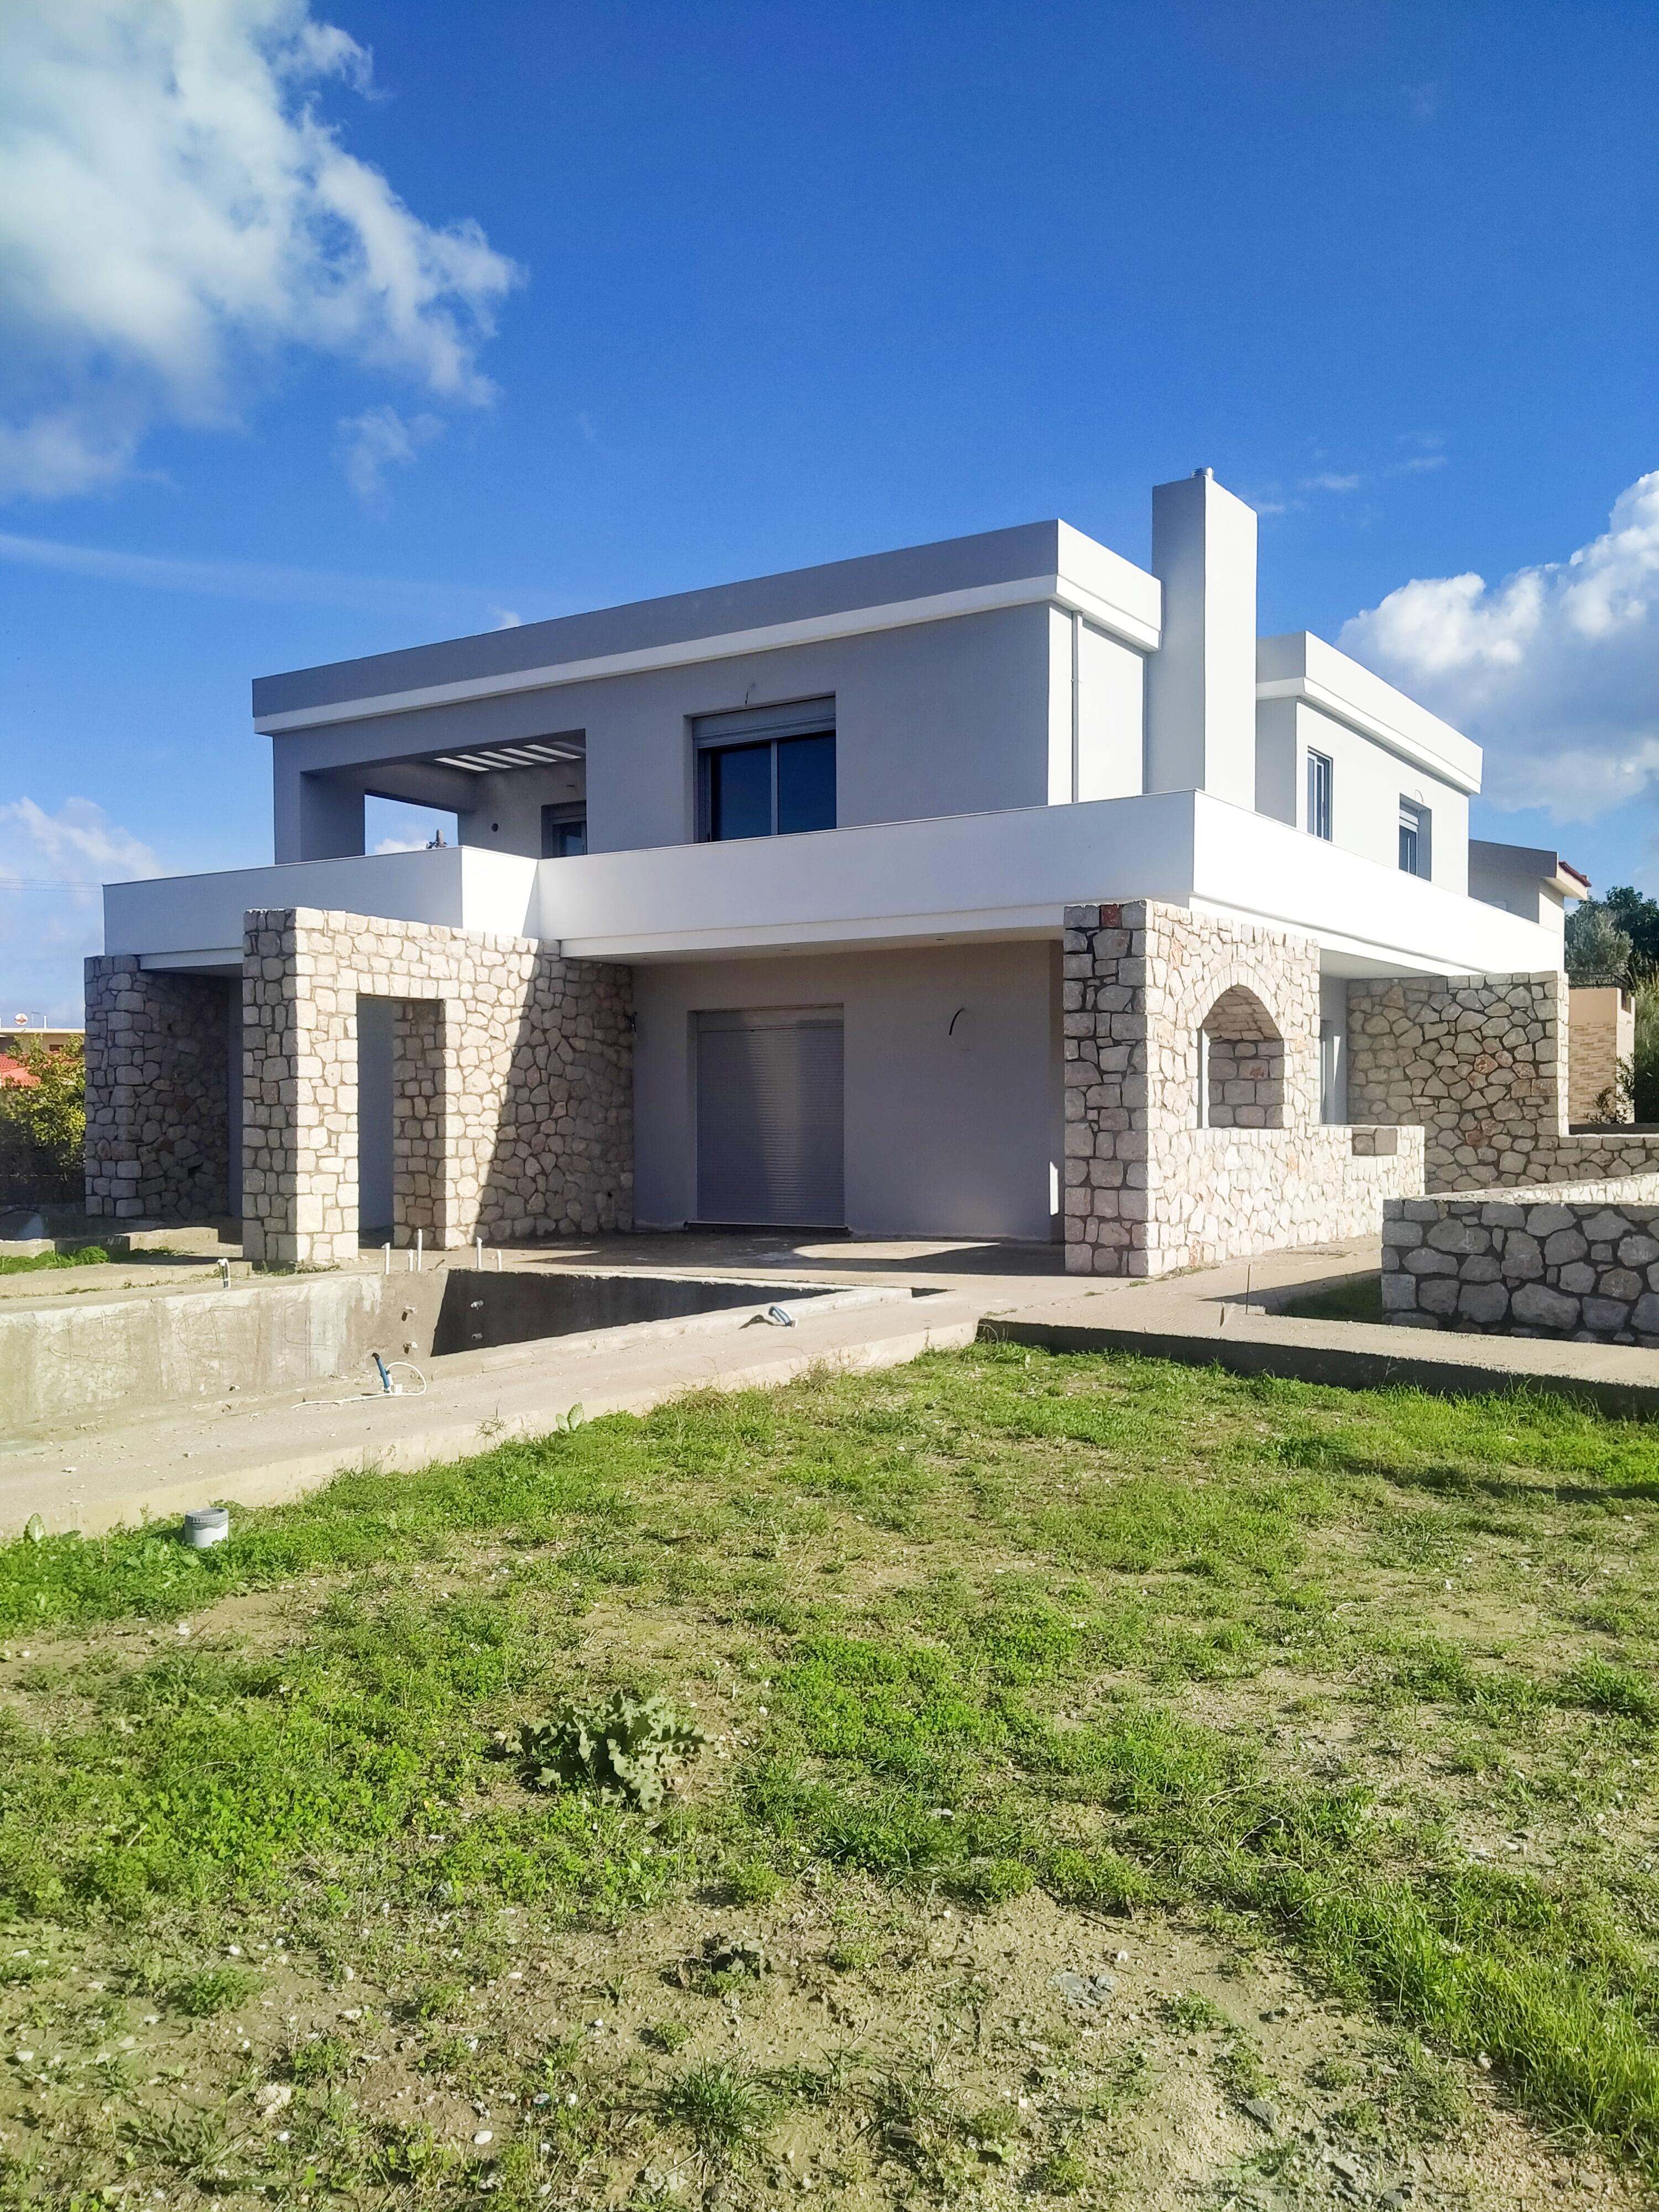 Μονοκατοικία με πισίνα , Ιαλυσός, KAS-7859432